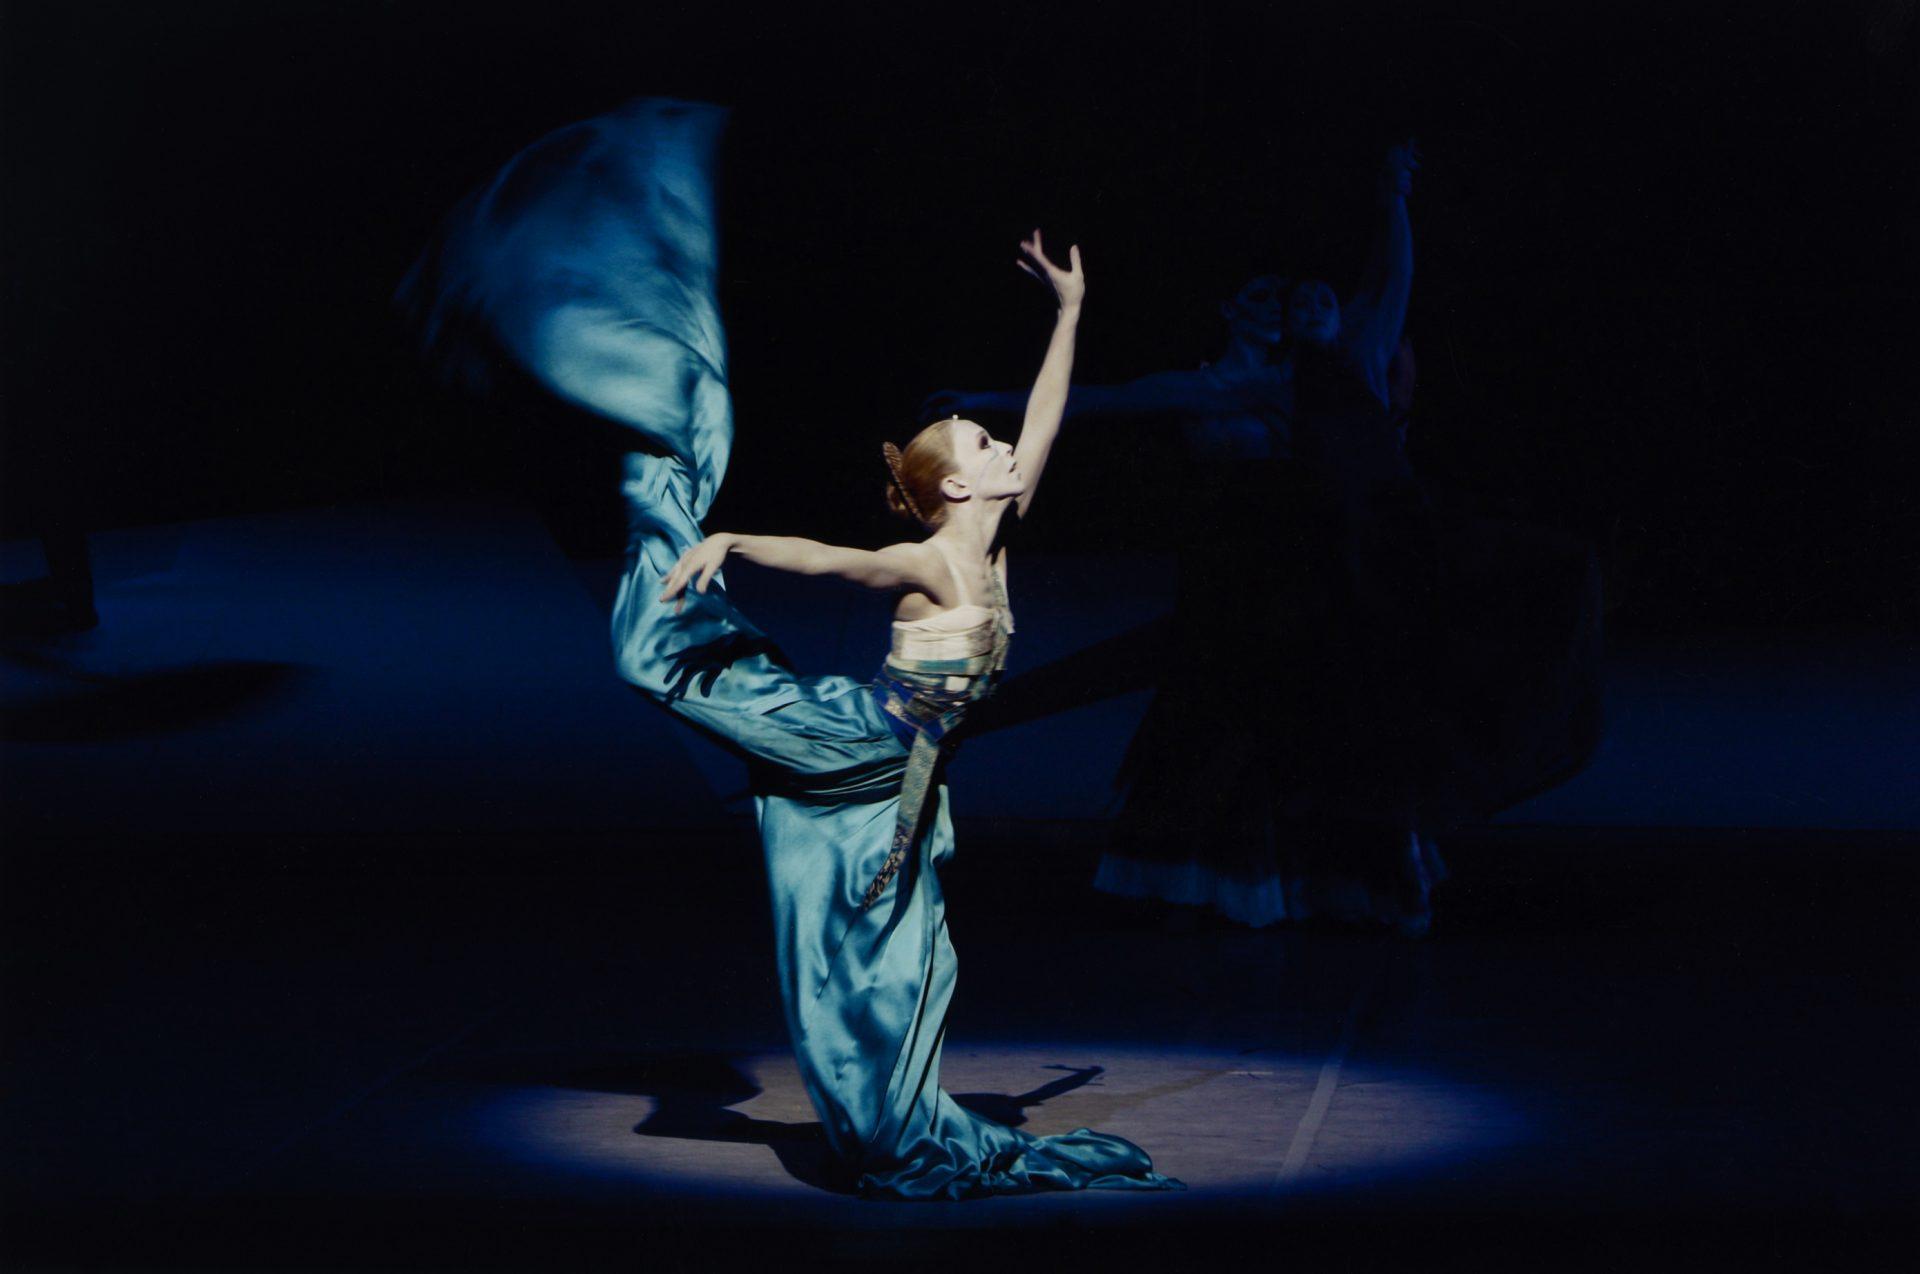 Hamburg Ballet: The Little Mermaid